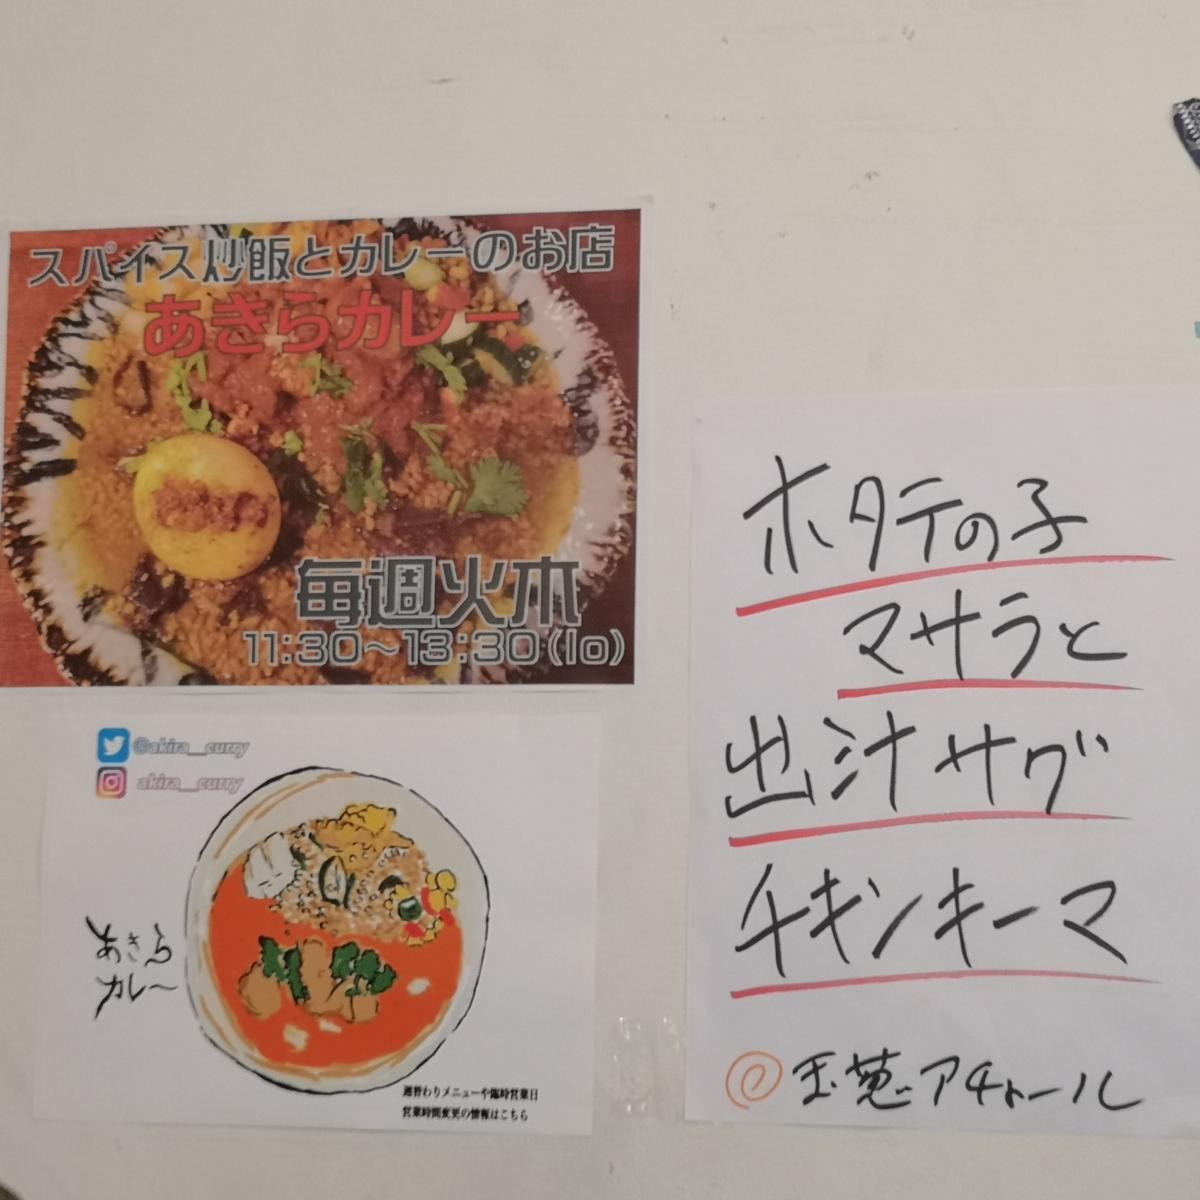 あきらカレー ホタテの子マサラと出汁サグキーマ 玉葱アチャール